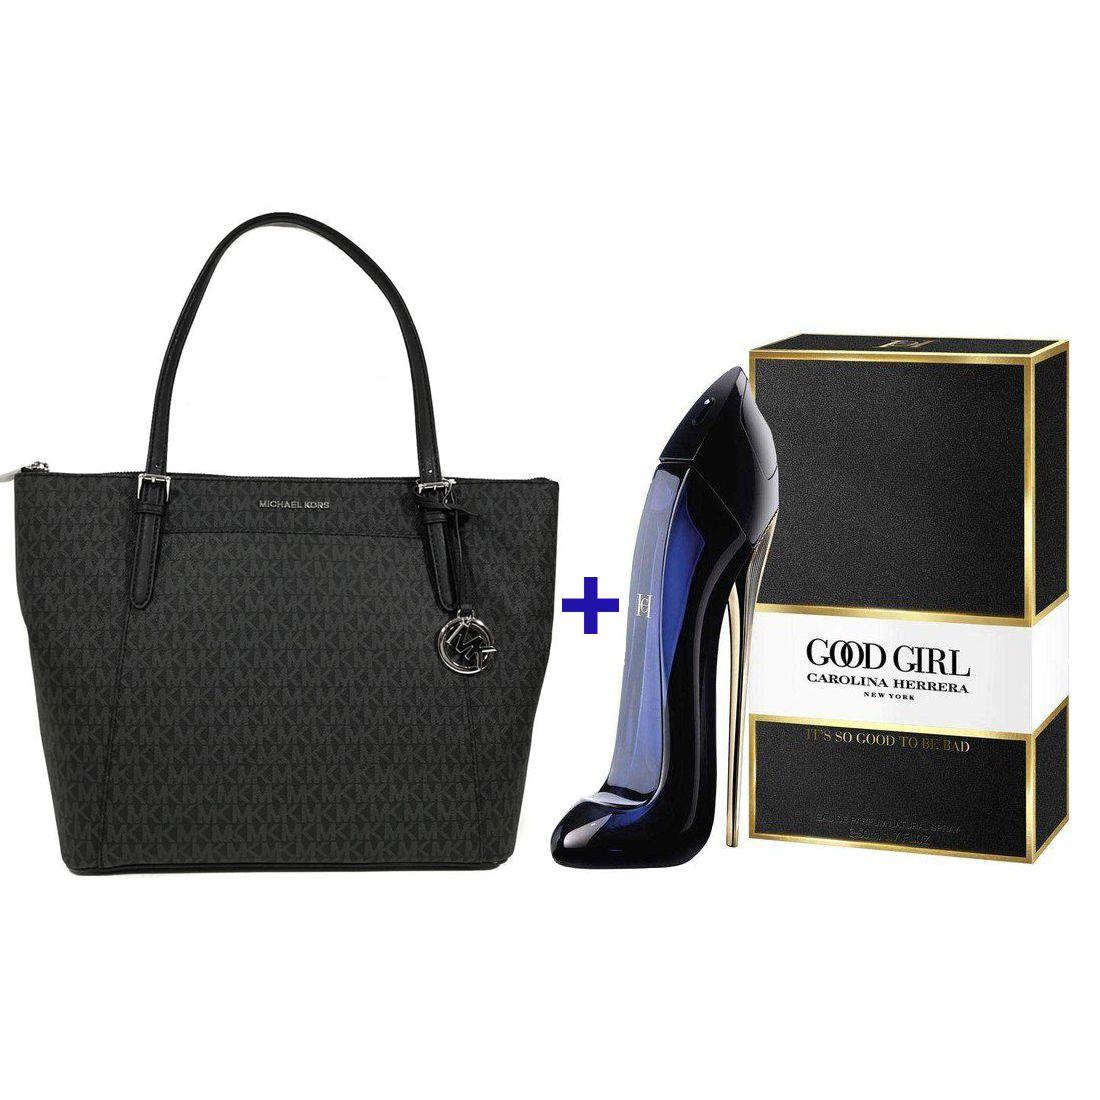 7ed240fbcd081 Kit Bolsa Michael Kors Ciara Tote Signature + Perfume Good Girl Carolina  Herrera 80ml